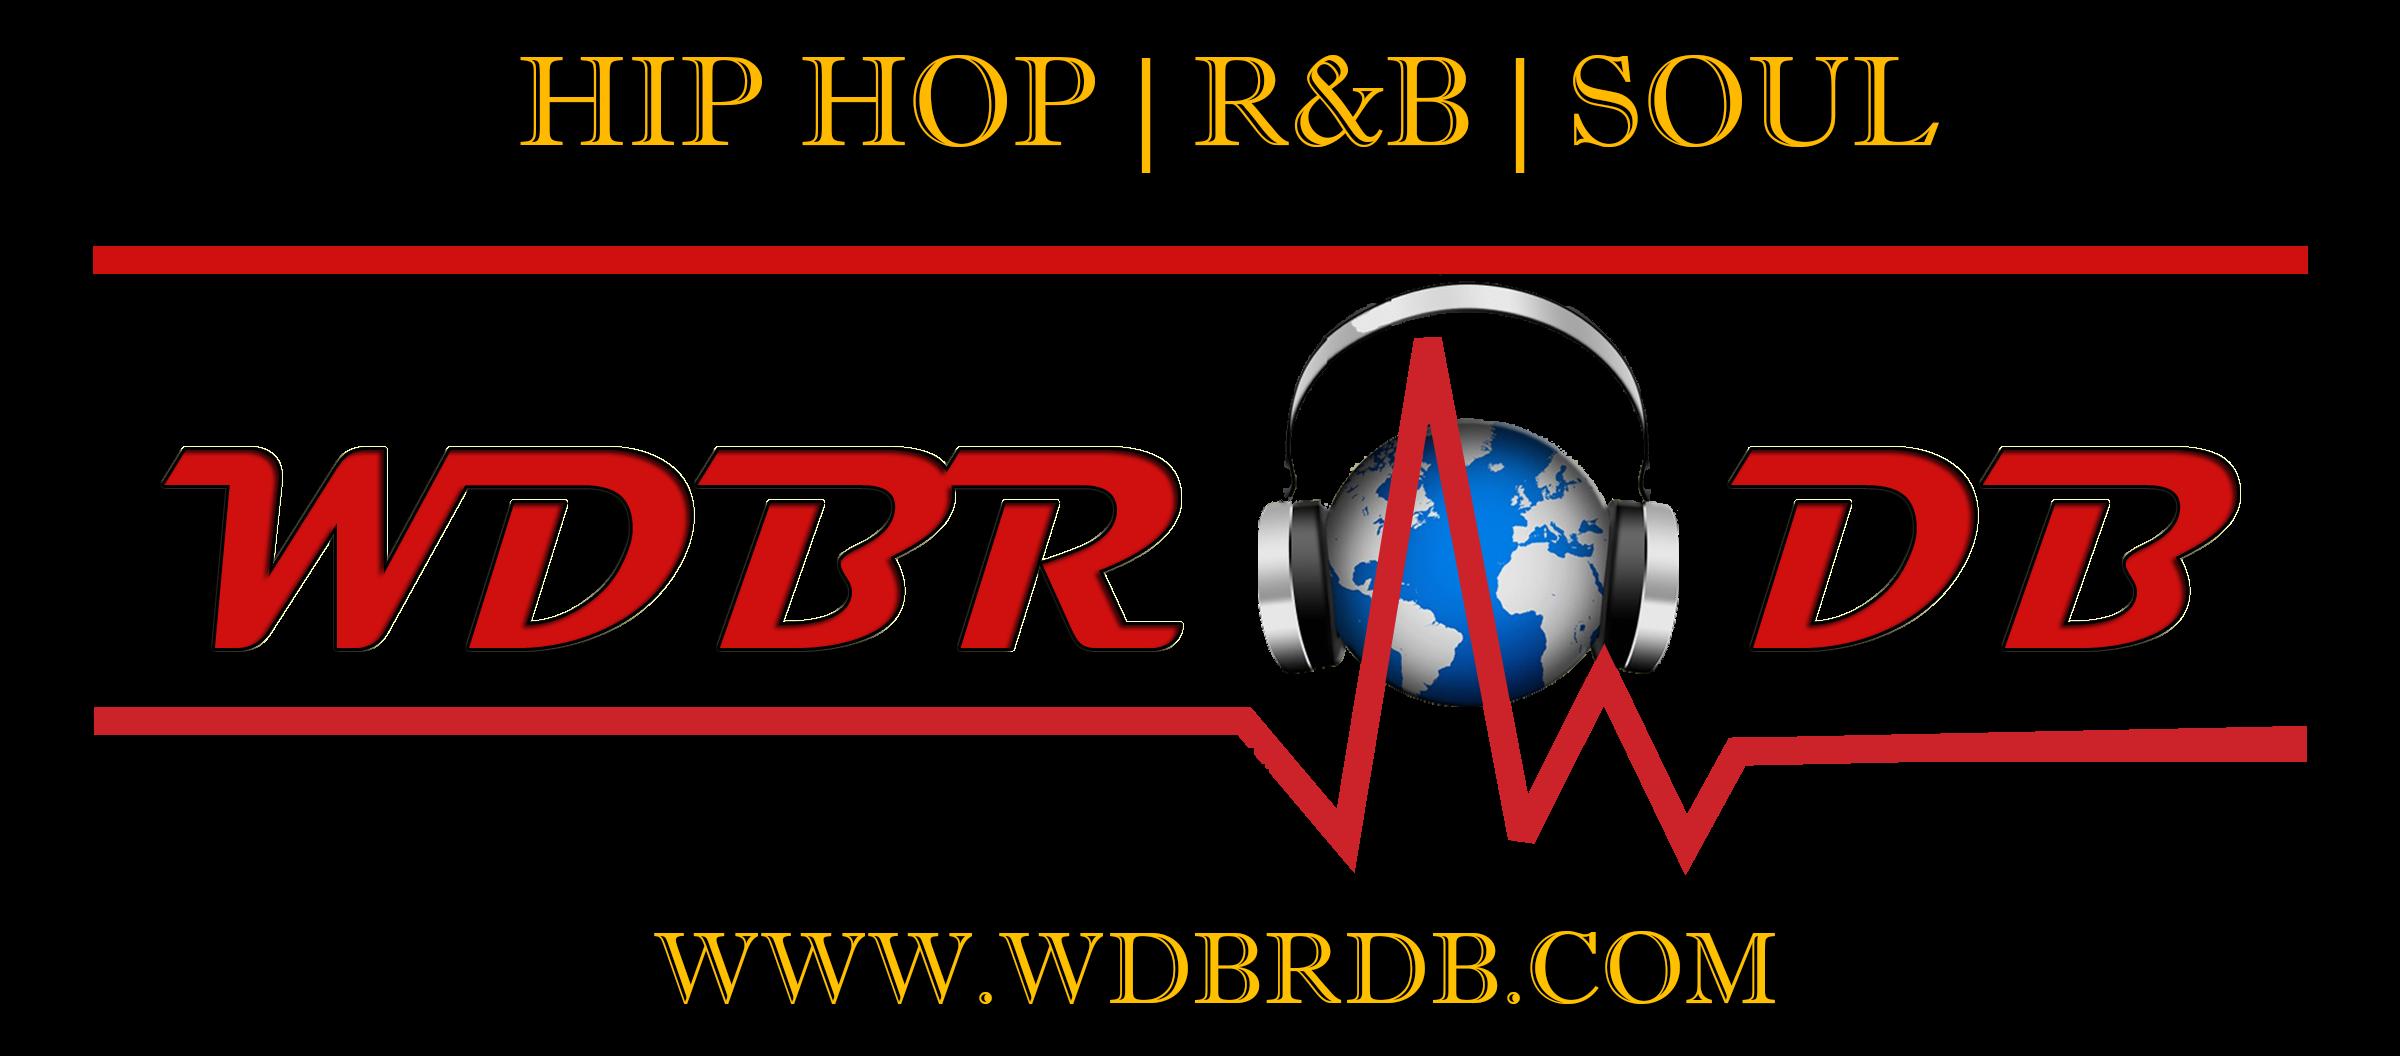 WDBR-DB